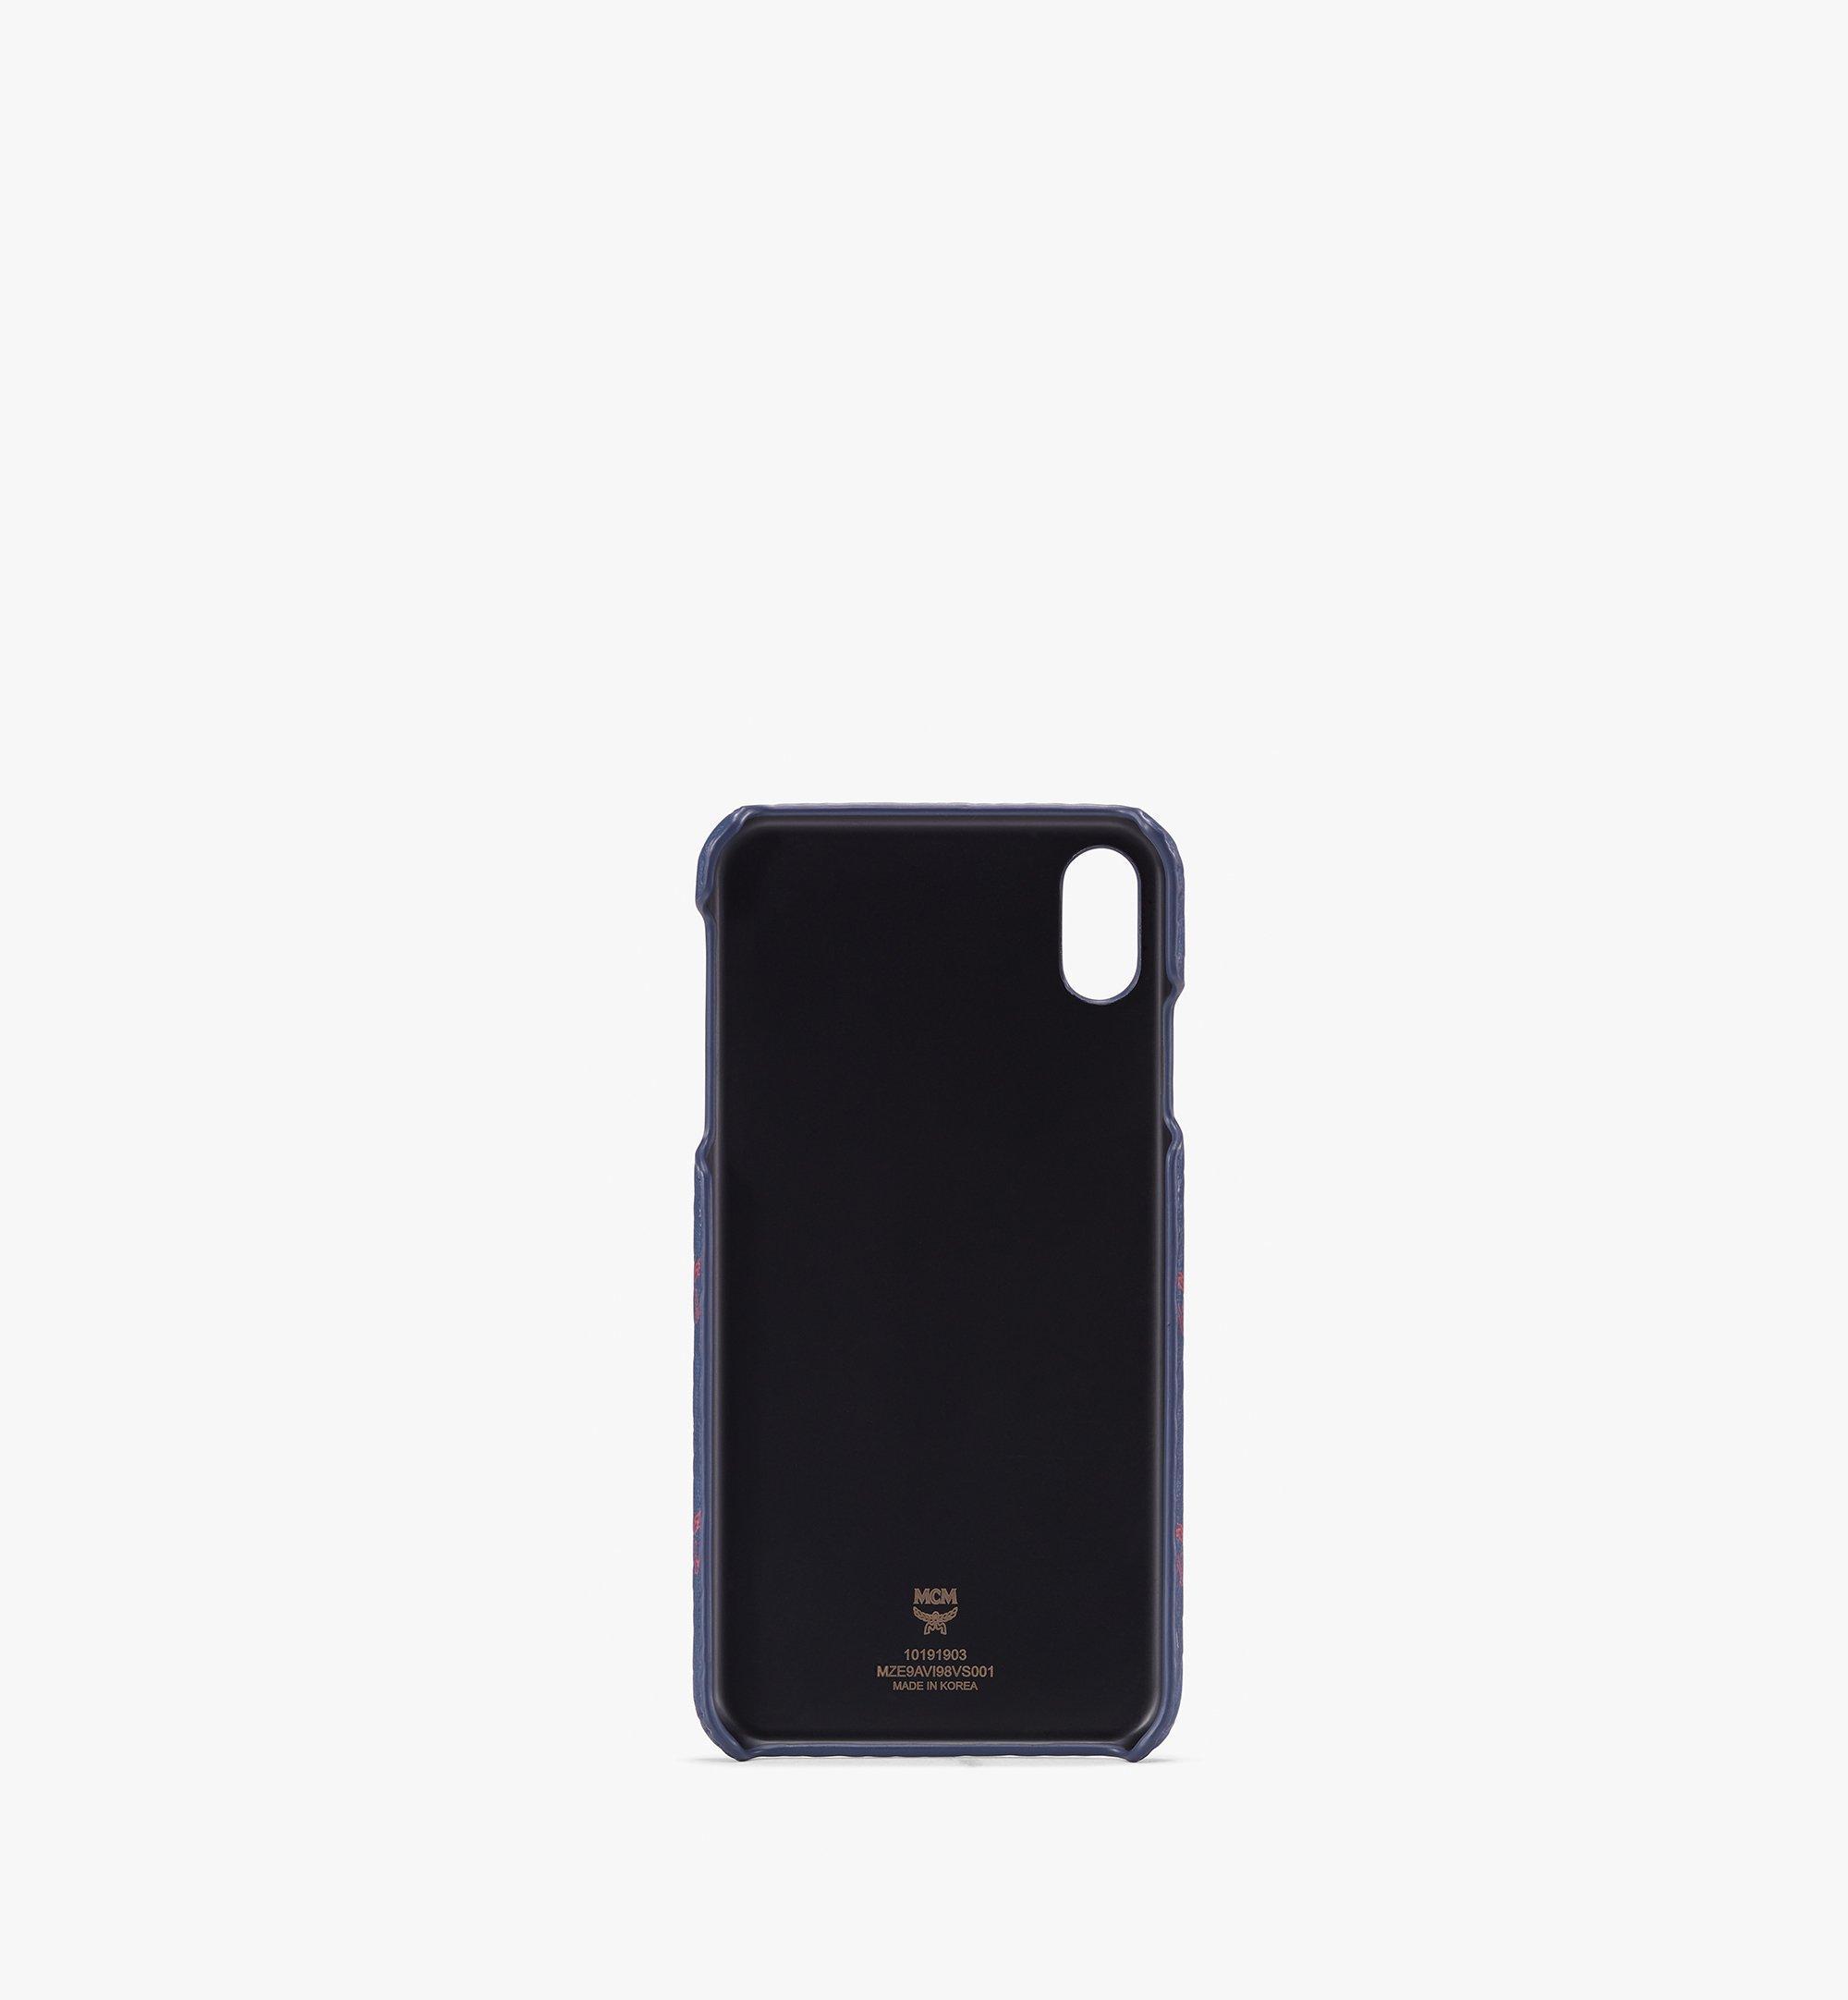 MCM iPhone XS Max Case in Visetos Blue MZE9AVI98VS001 Alternate View 1